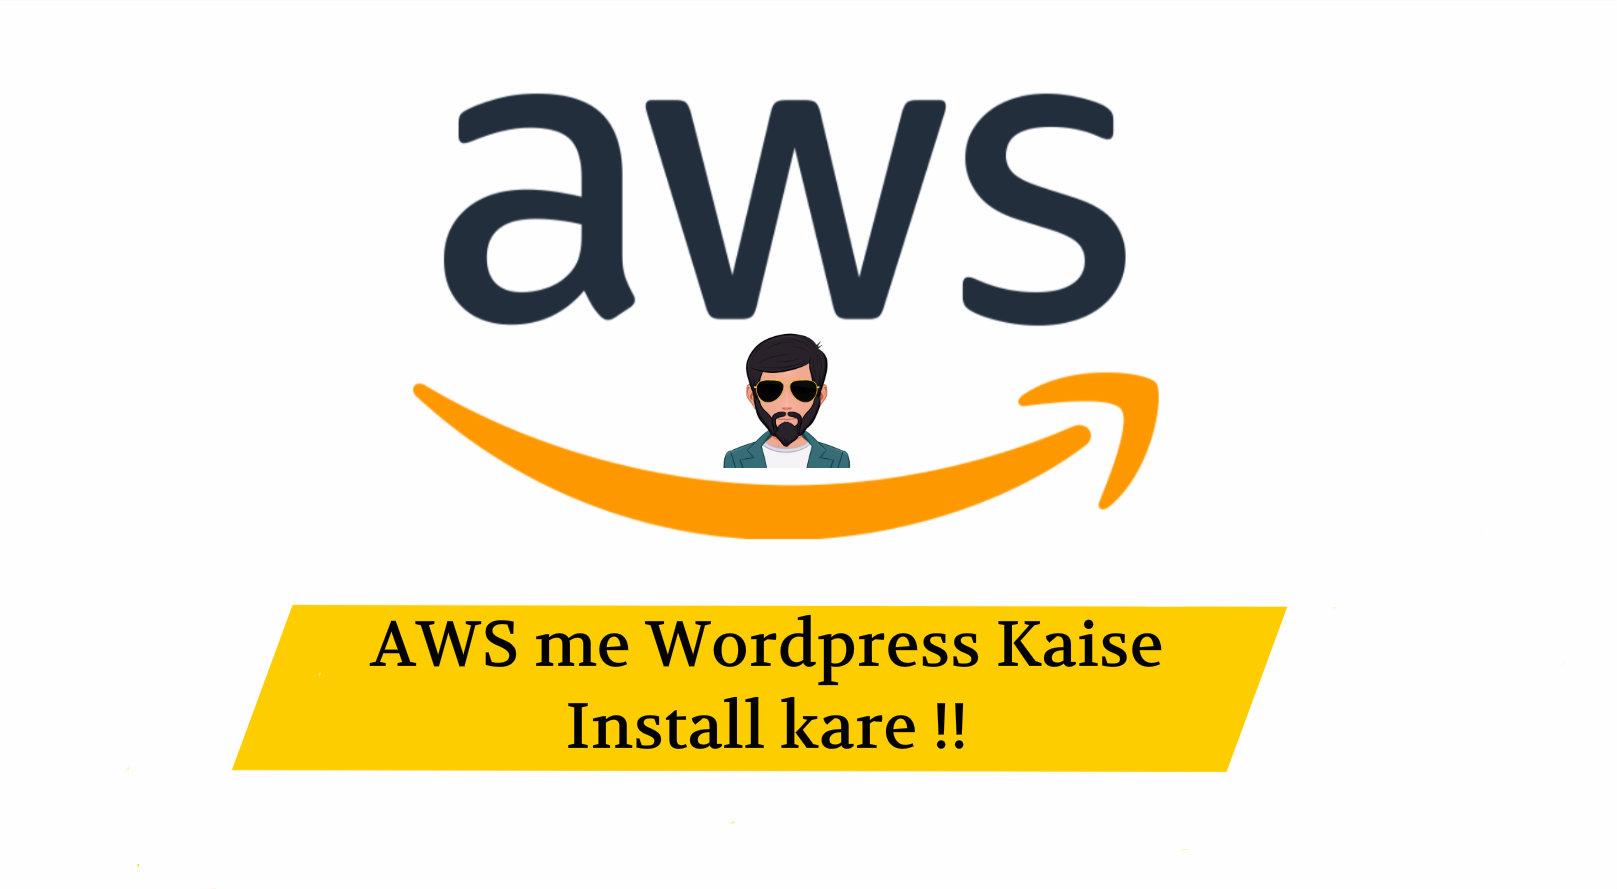 AWS me WordPress Kaise Install kare (Amazon Web Services) !!